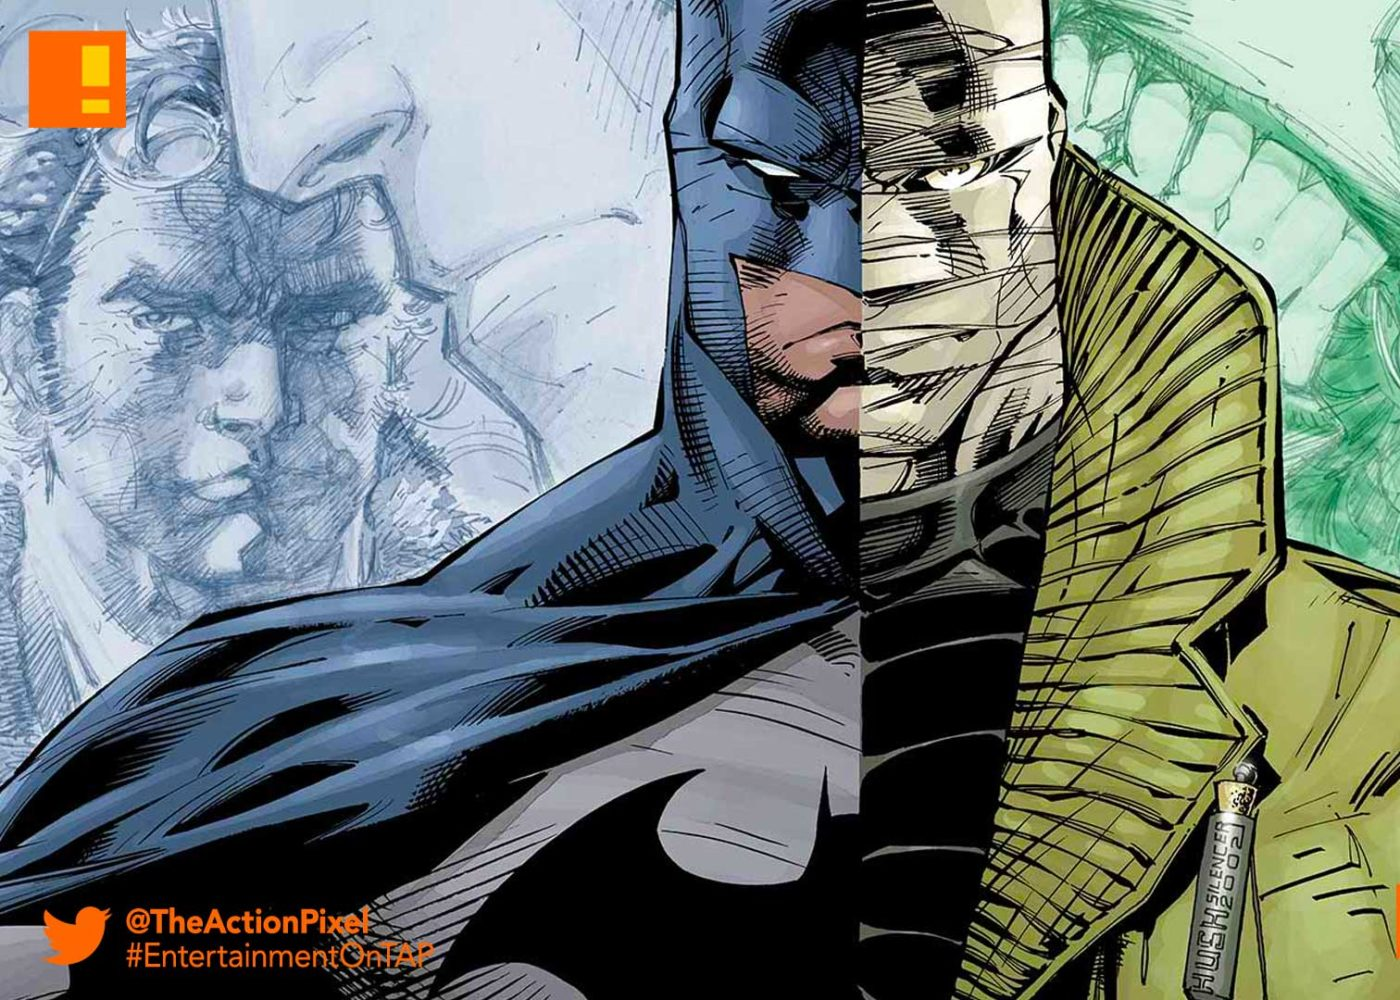 batman hush, justice league: fatal five, fatal five, wonder woman: bloodlines, wonder woman, batman, superman, reign of the supermen, poster, dc comics, warner bros, comic con, the action pixel,entertainment on tap,